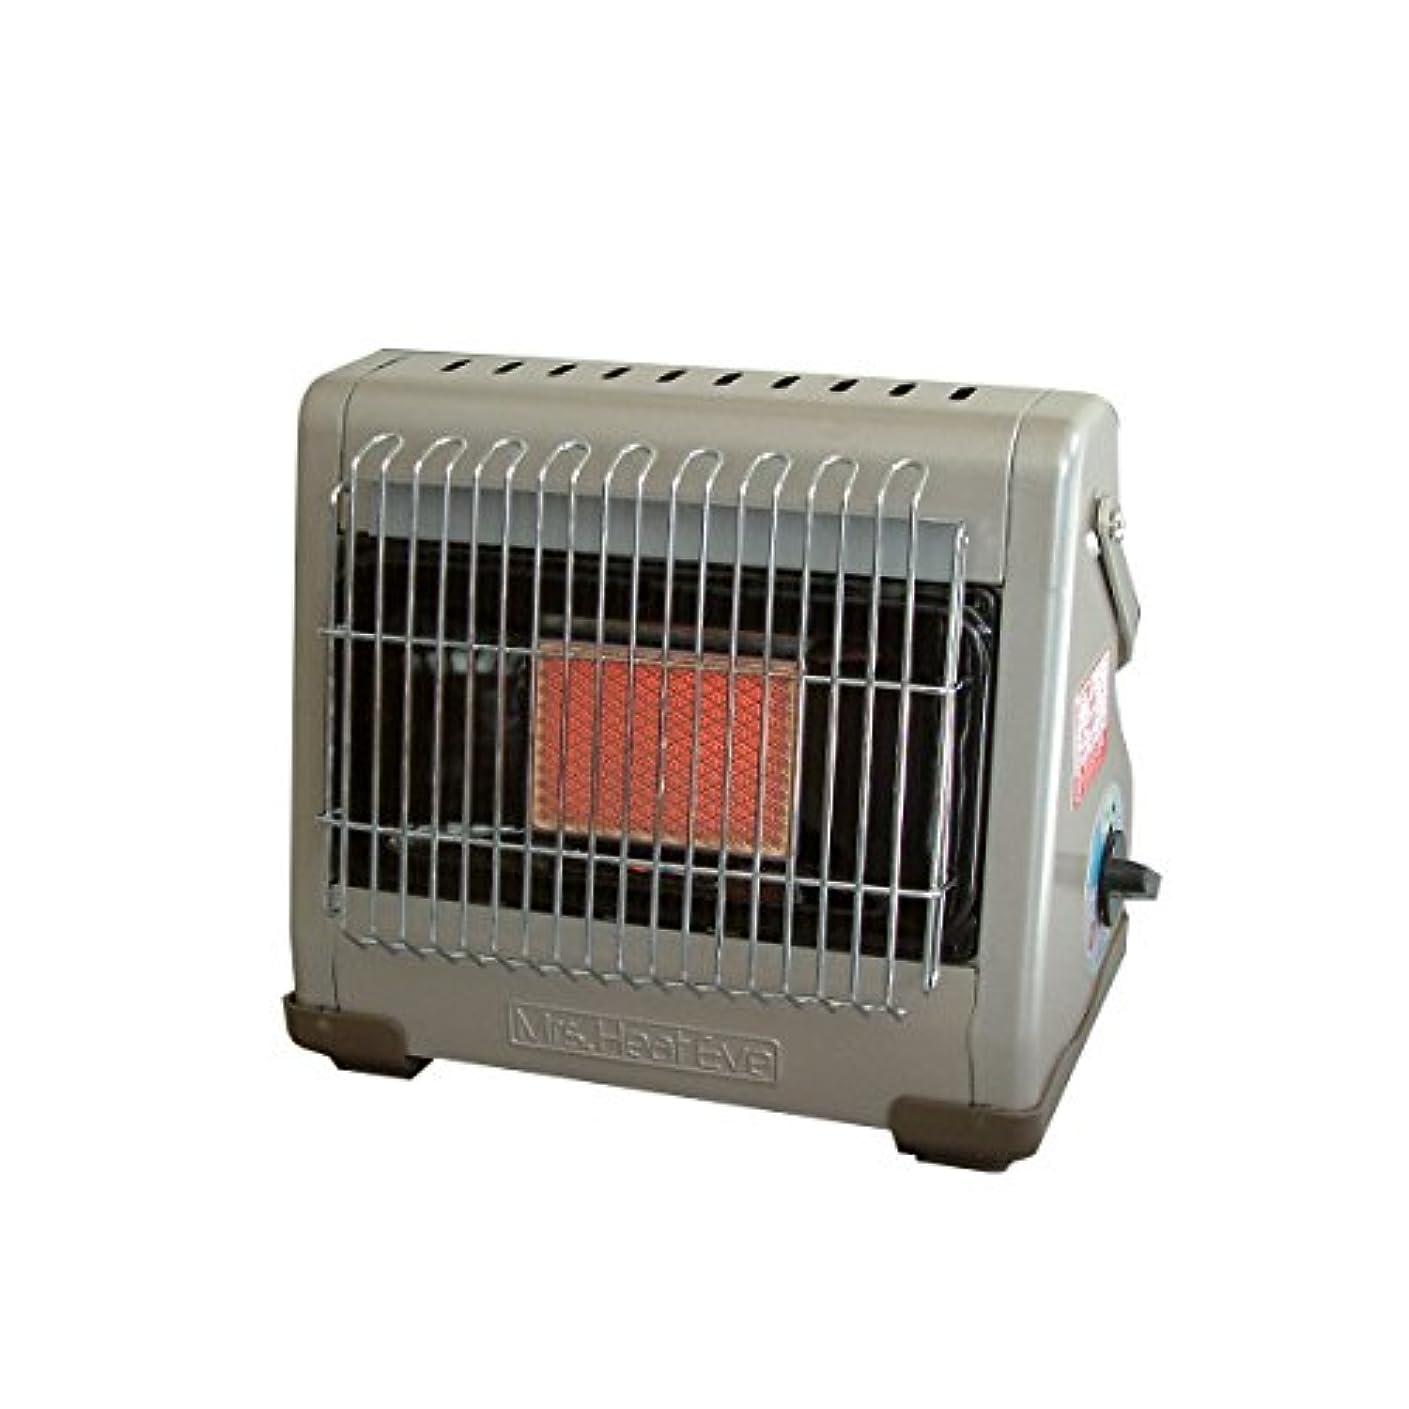 ギャラリーコークス貫通するNITINEN(ニチネン) カセットボンベ式ガスヒーター ミセスヒート イヴ(屋内専用) KH-013